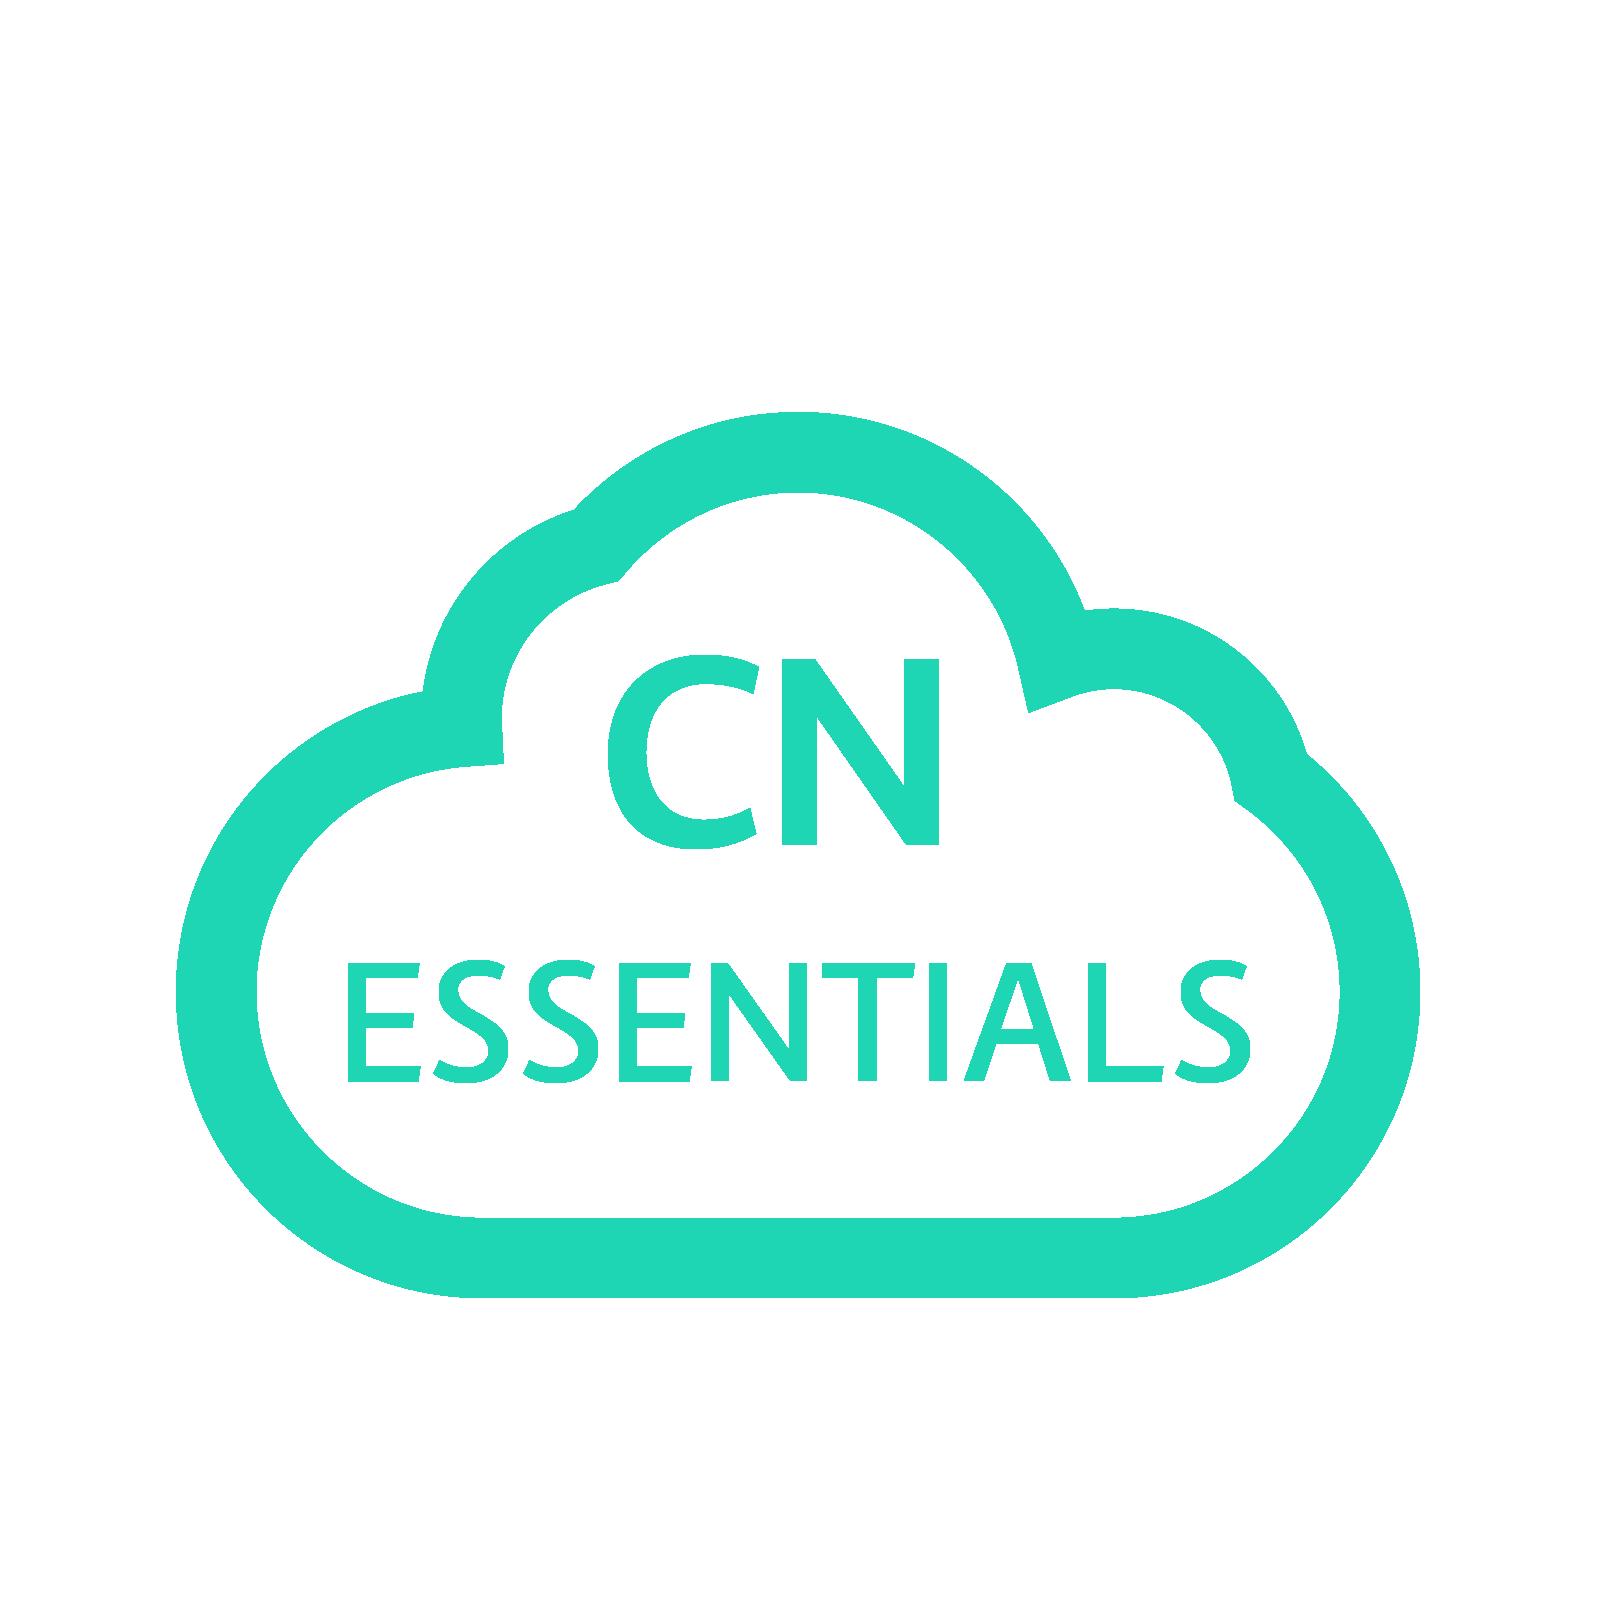 Cloud Native Essentials